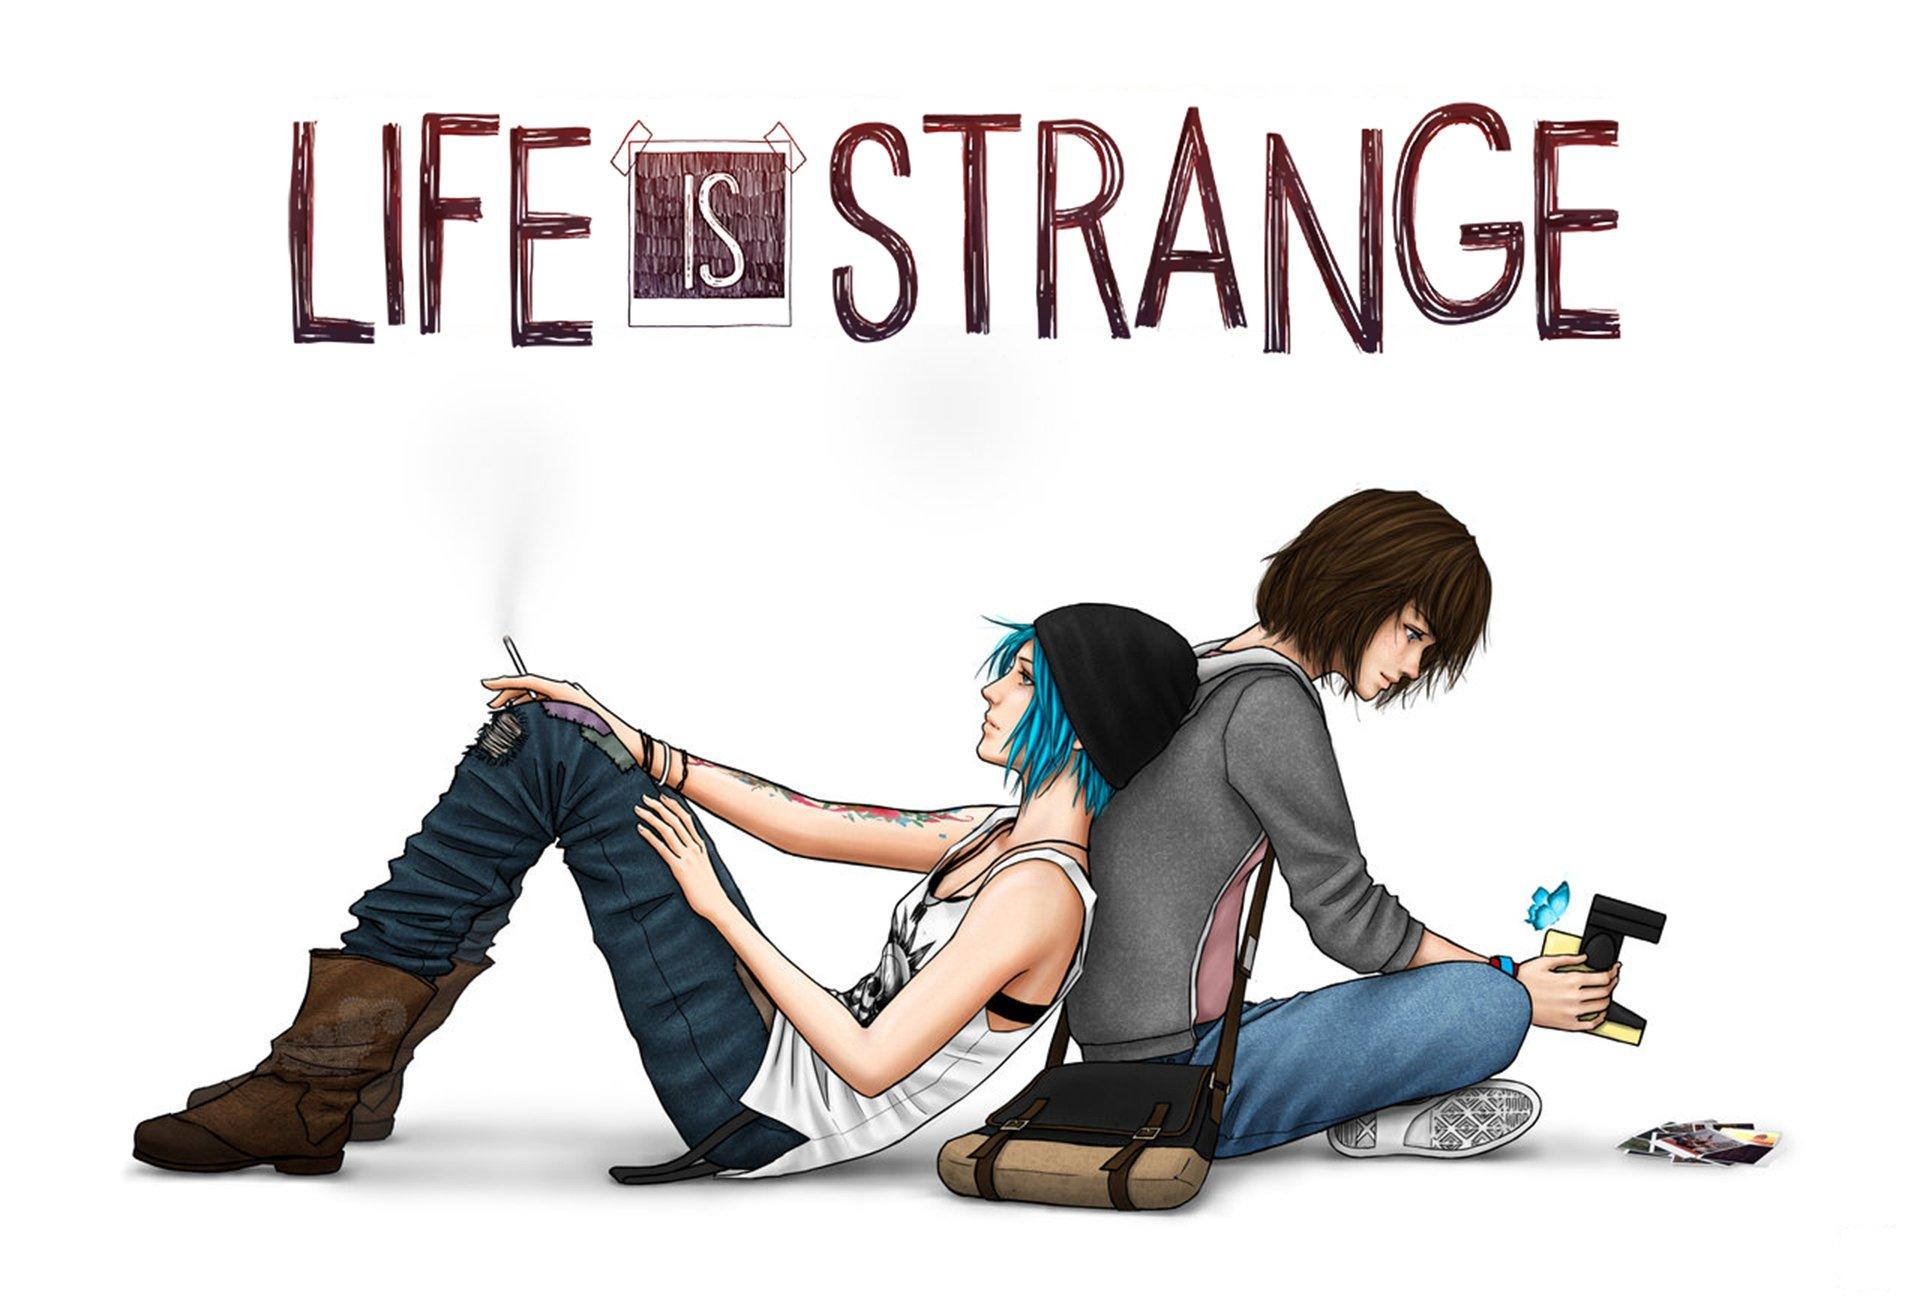 Life Genderbend Strange